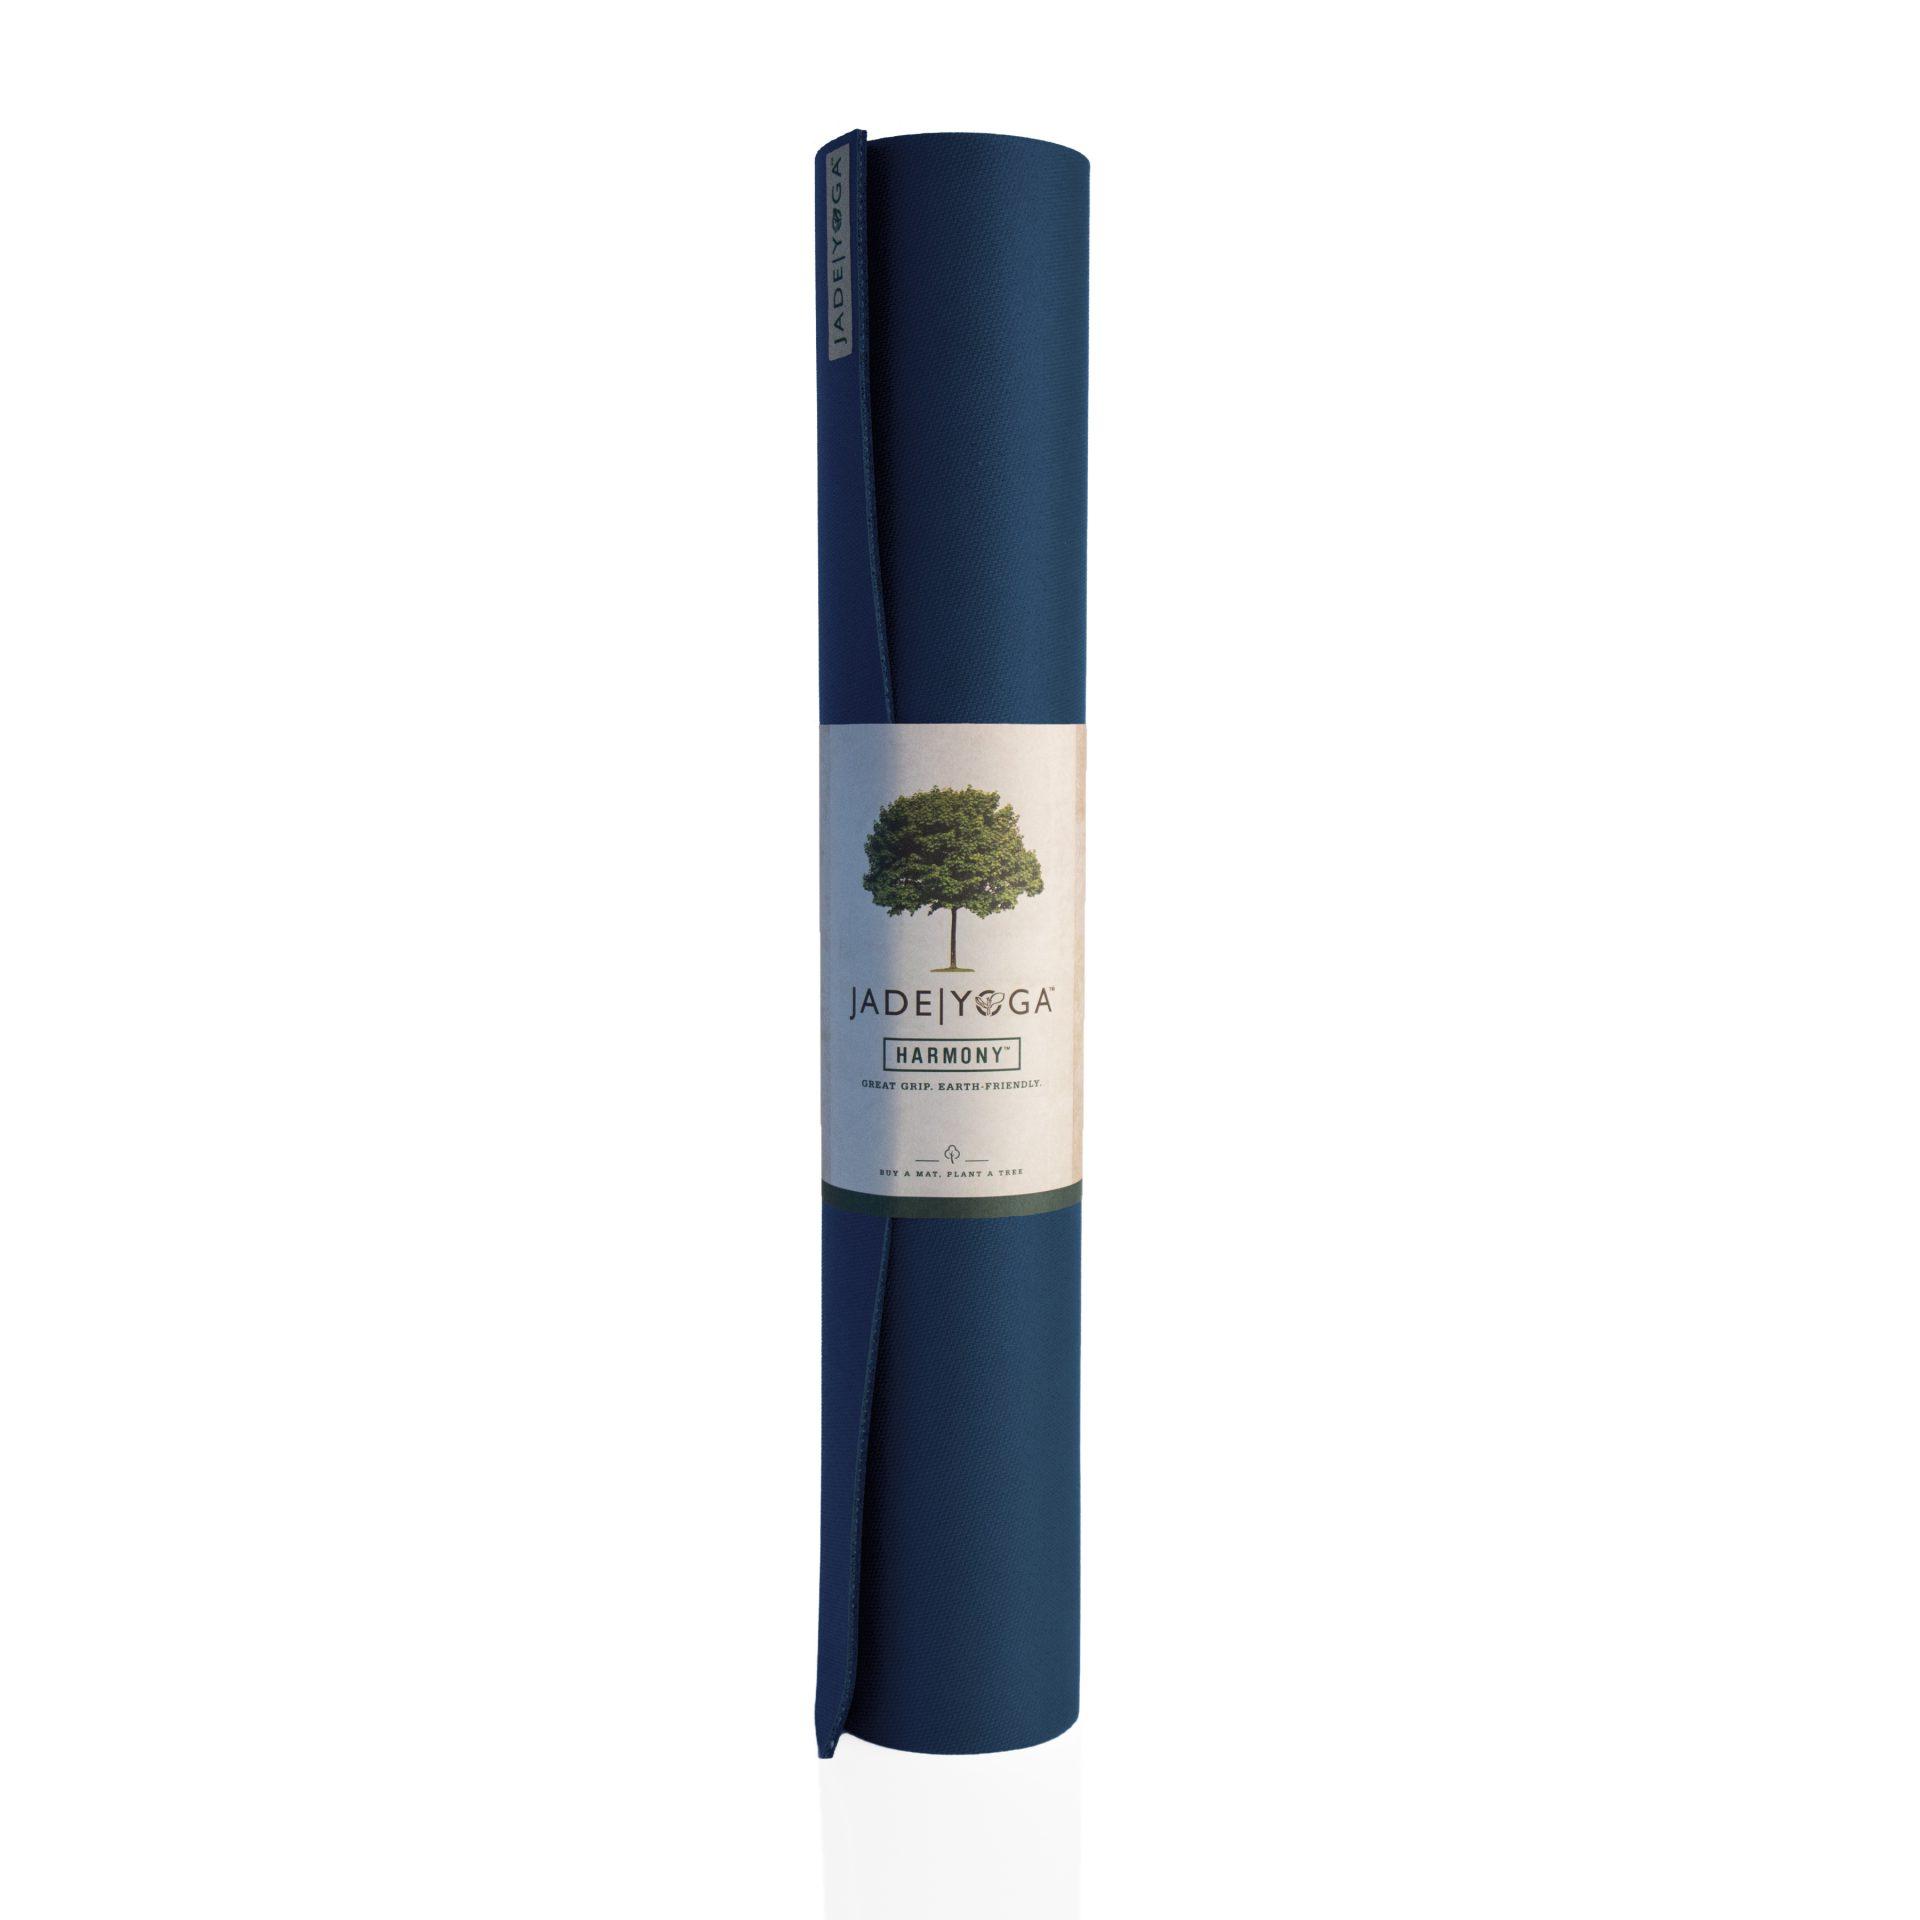 Jade Harmony Midnattsblå Stående